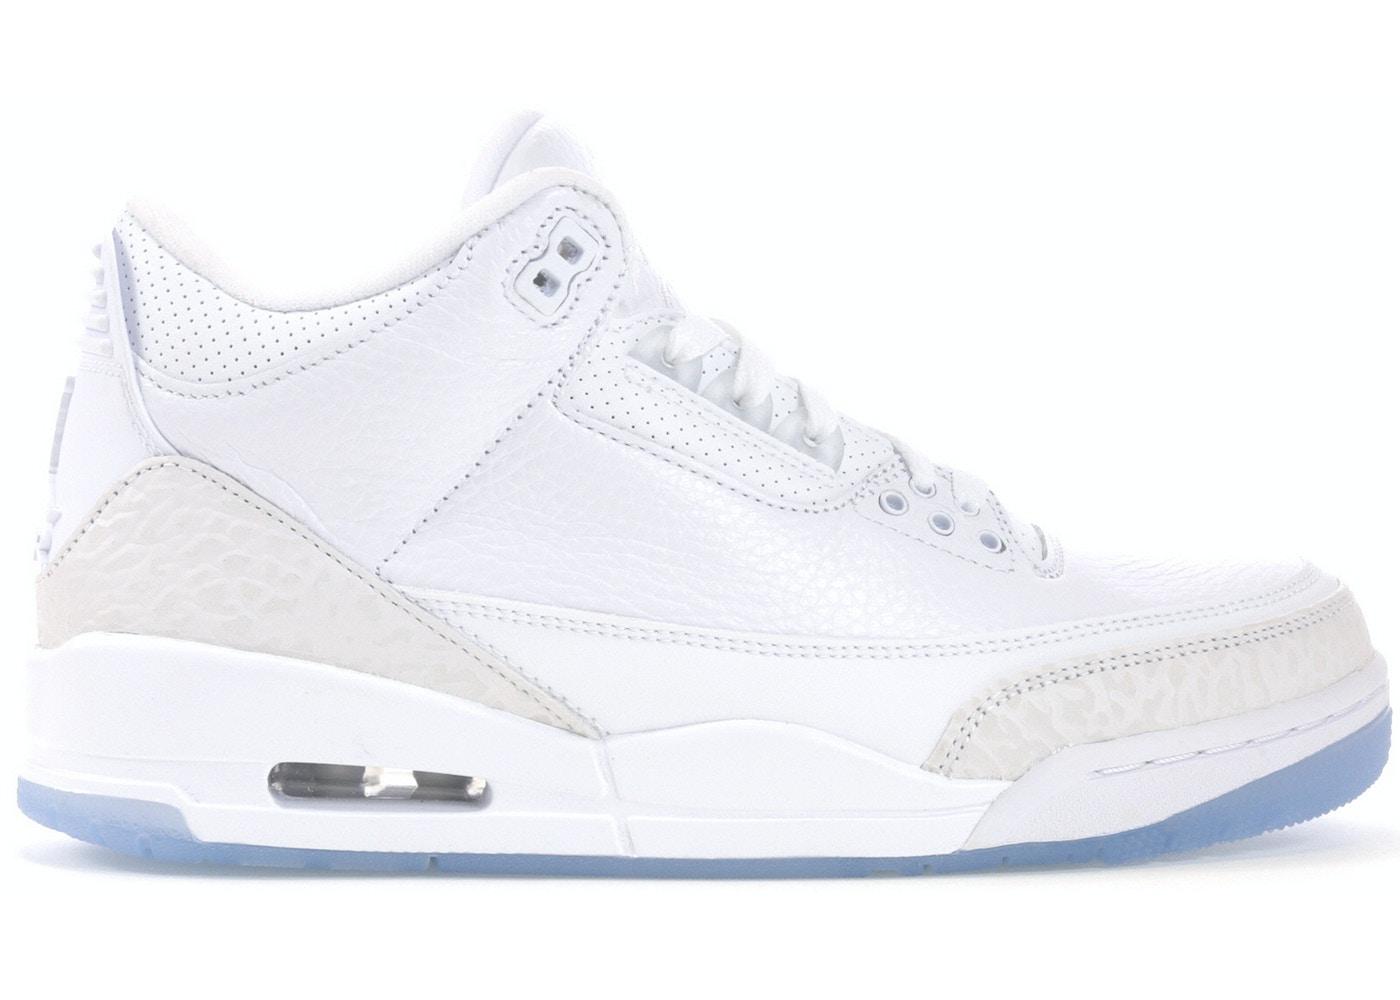 933740d5b50 Buy Air Jordan 3 Shoes & Deadstock Sneakers